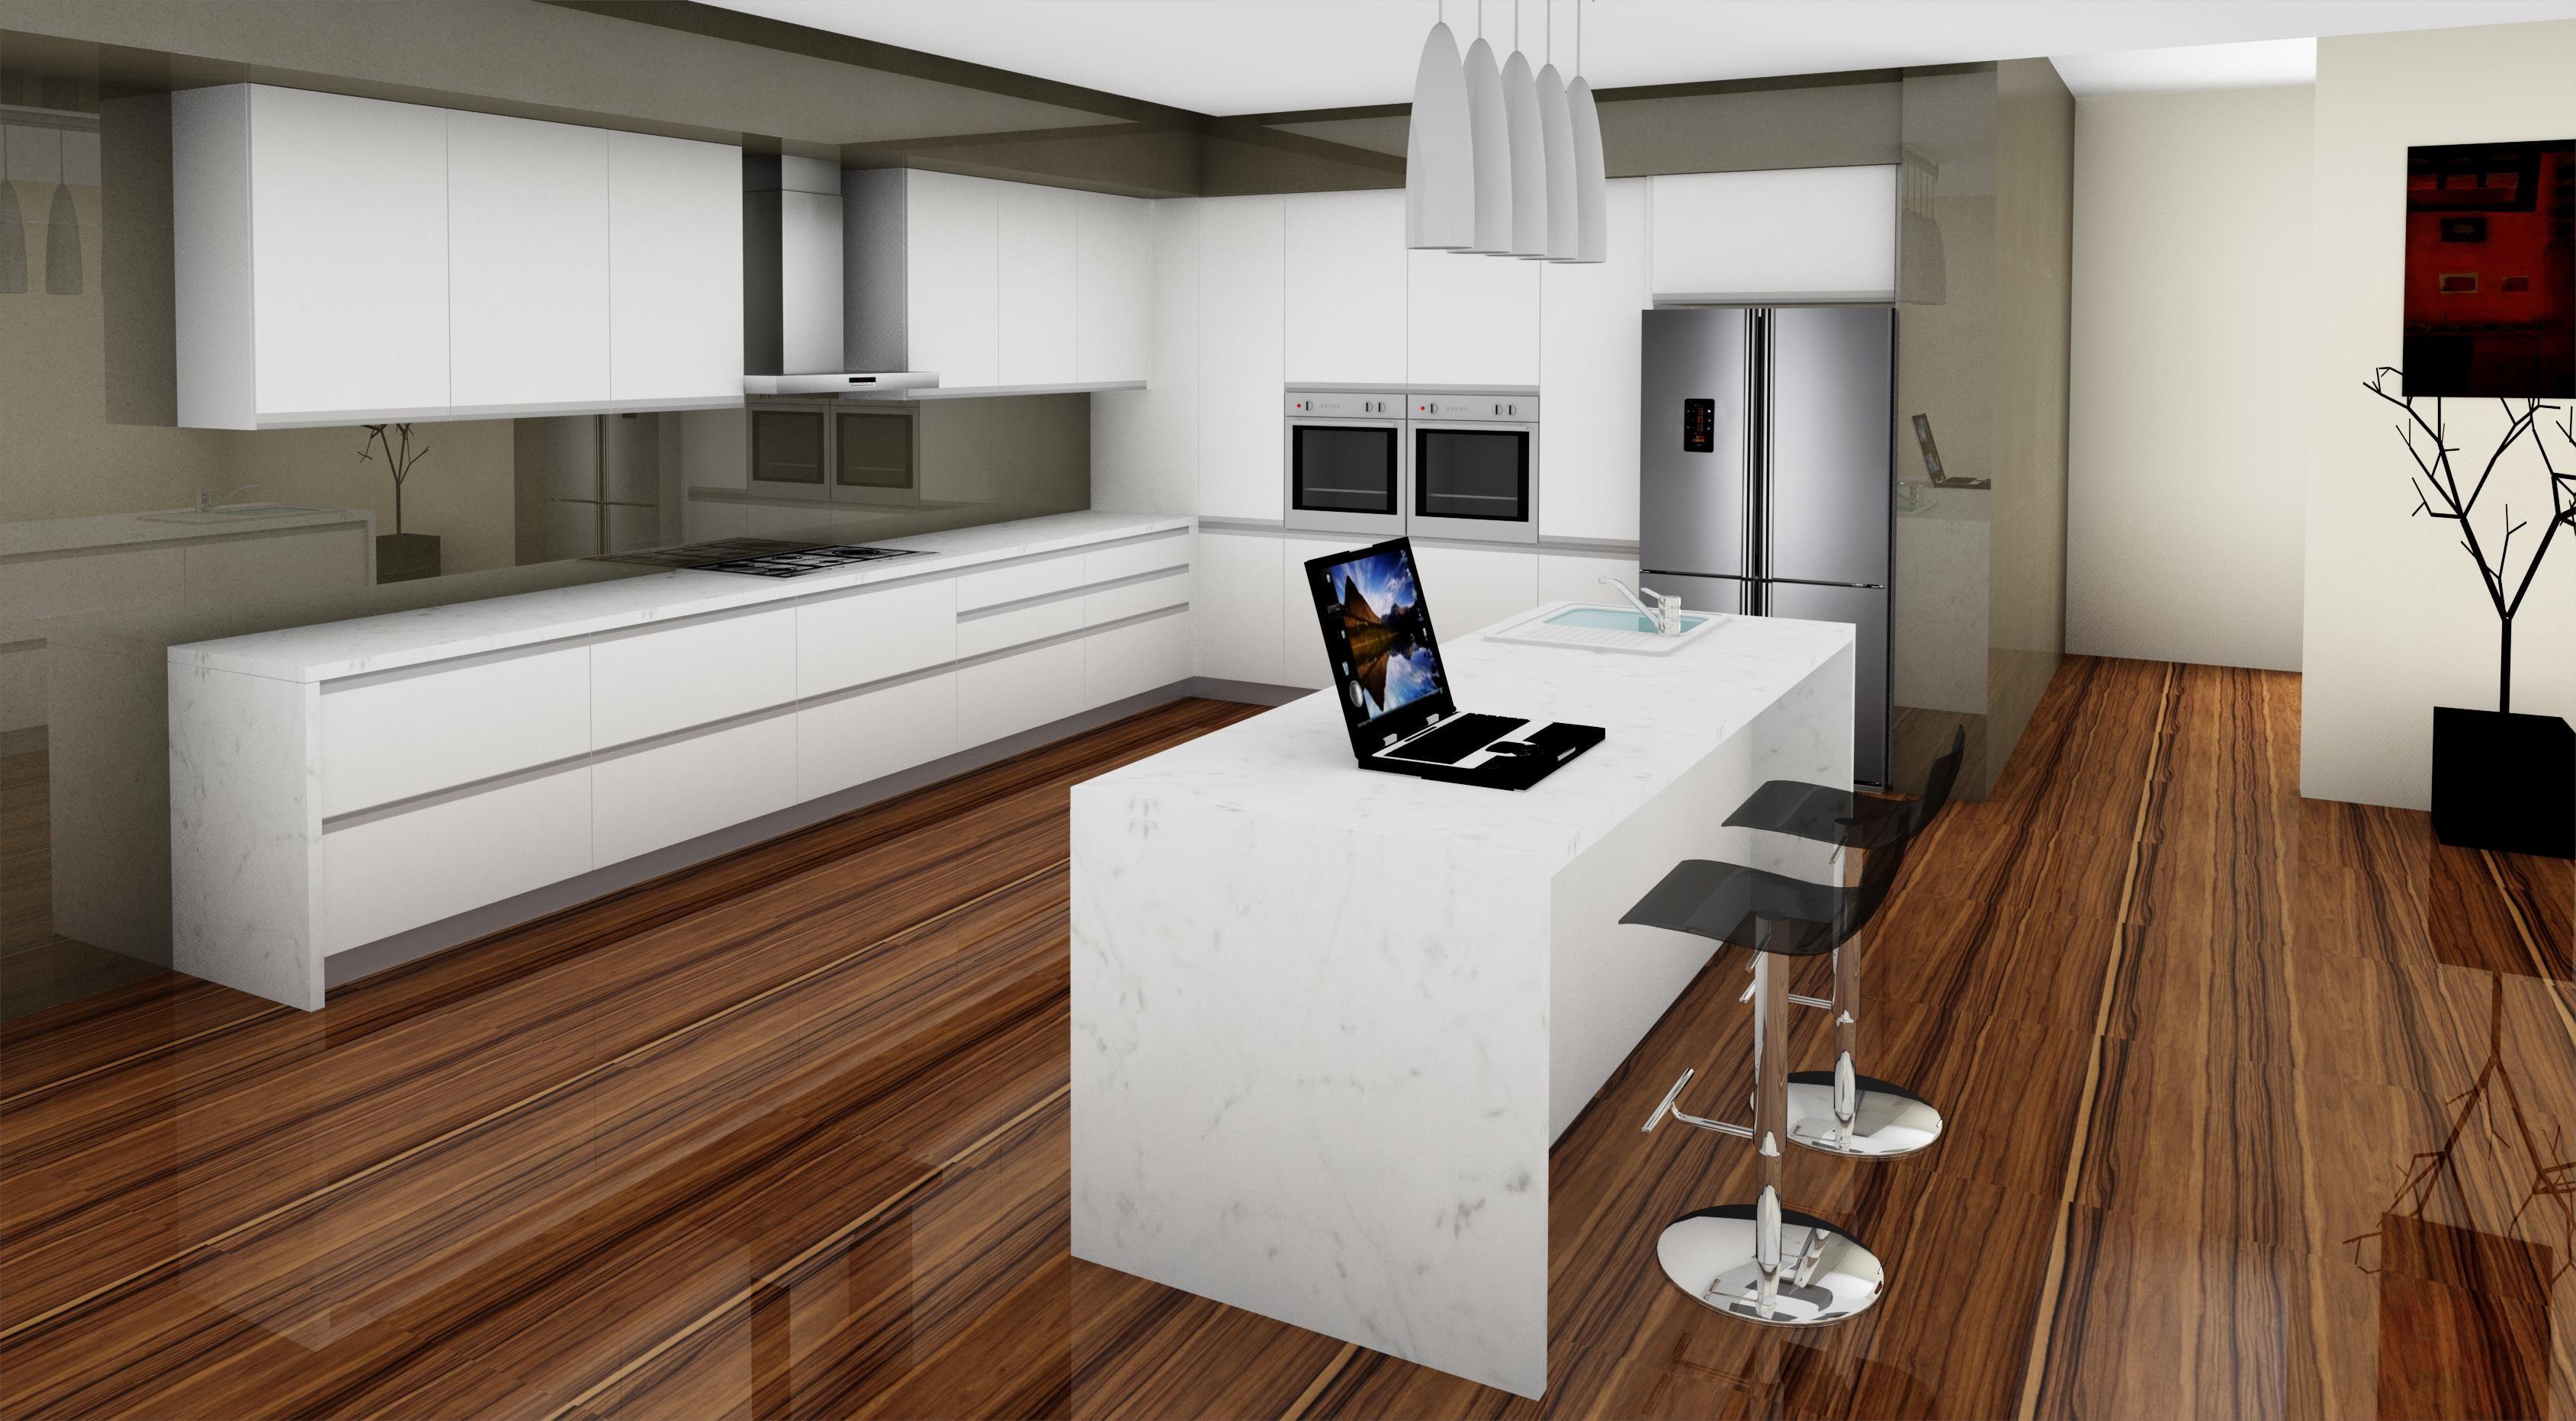 Kitchen Ideas By Exen Limited Nairobi Kenya Kitchen Interior Art Deco Home Interior Design Kitchen